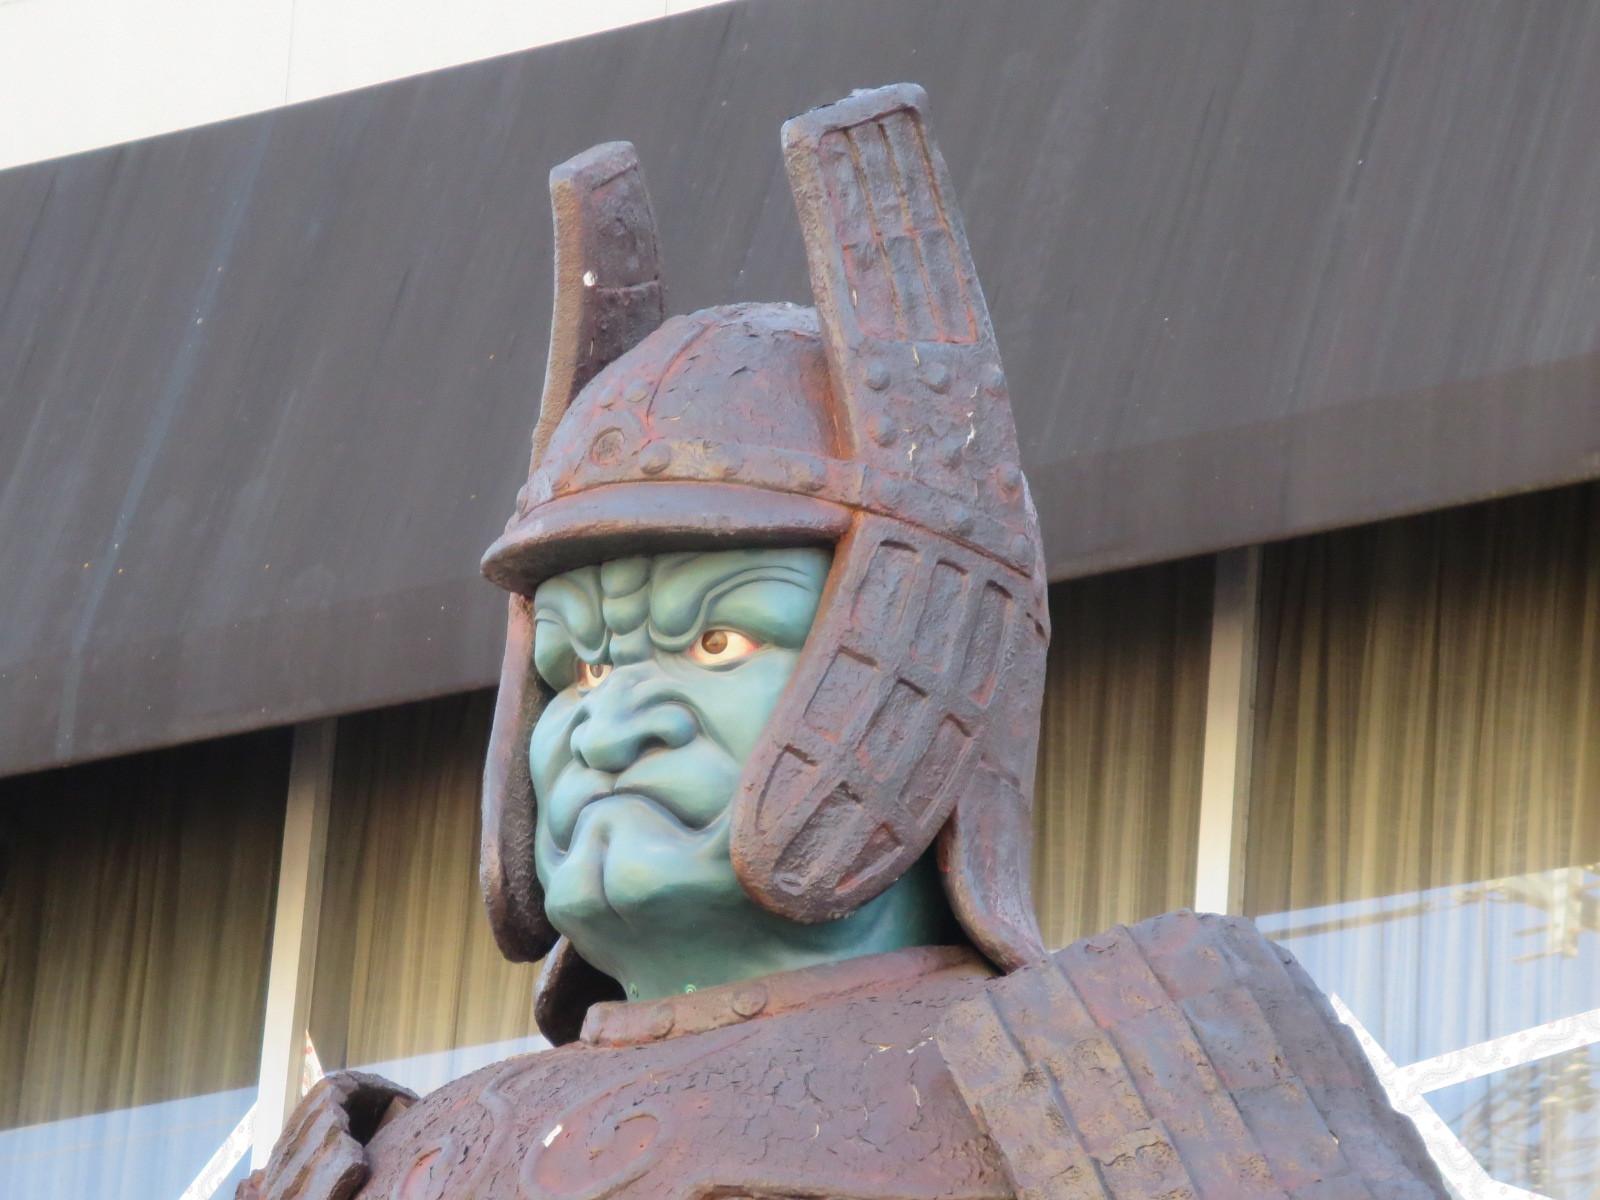 「京都難読地名!」と言いたいがそれほどでもなく、みんな知ってるような気もしないでもない辻_c0001670_14244433.jpg